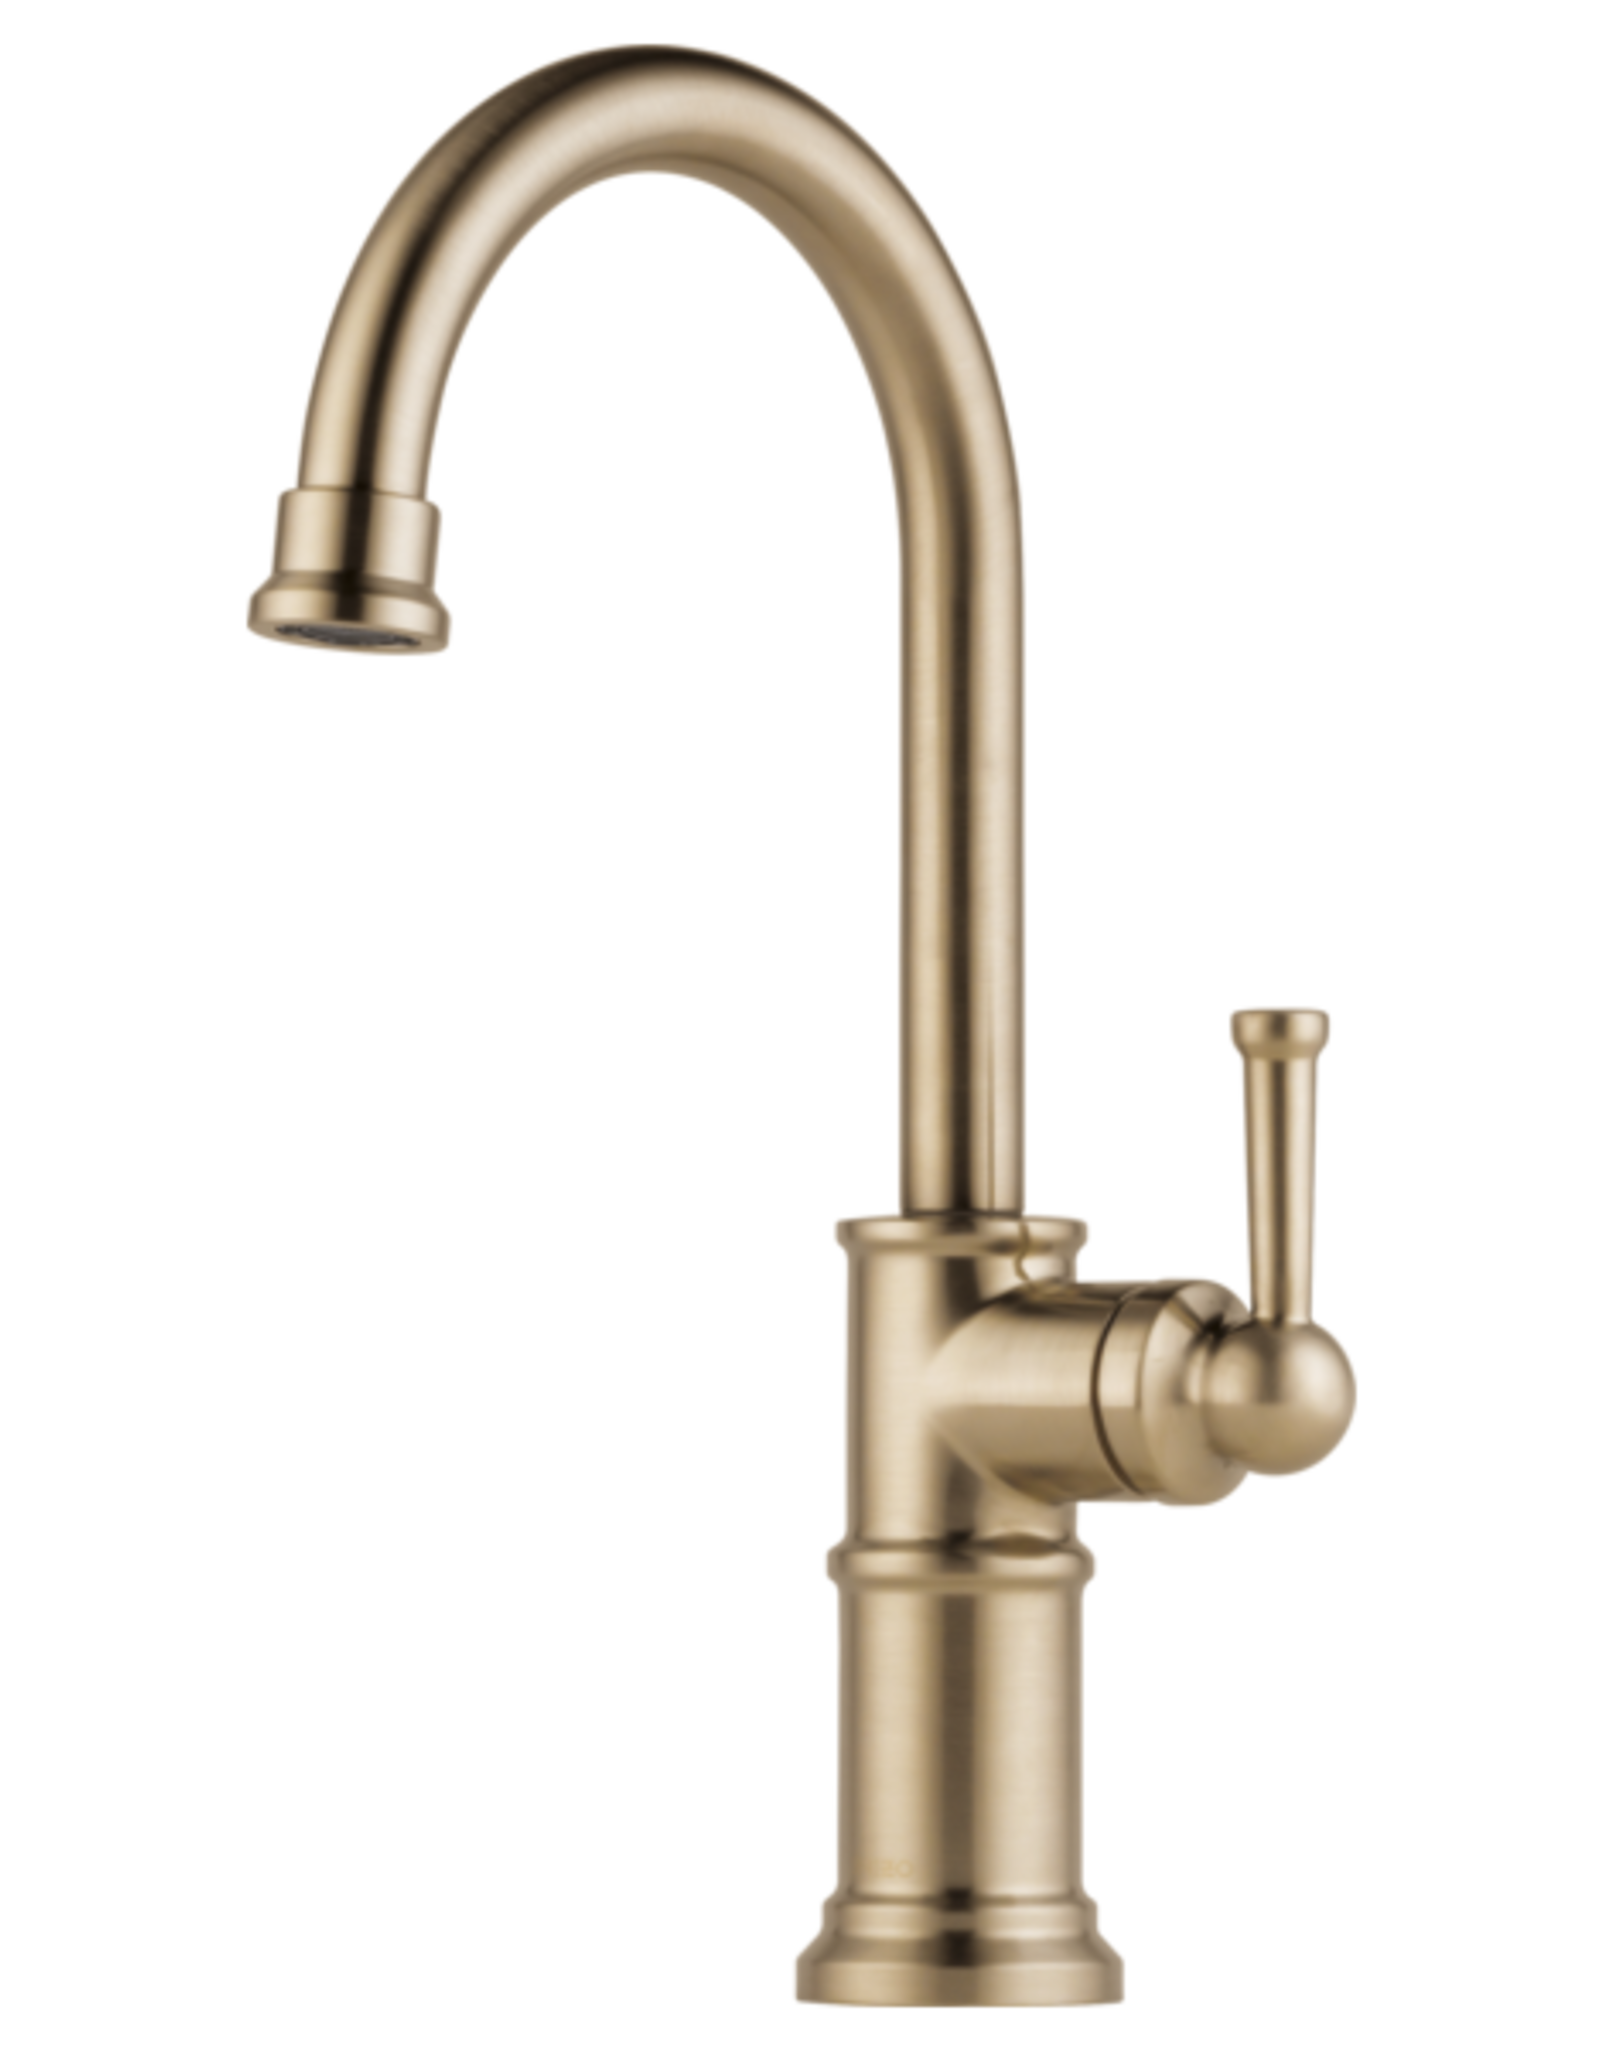 Brizo Artesso Bar Faucet- Luxe Gold